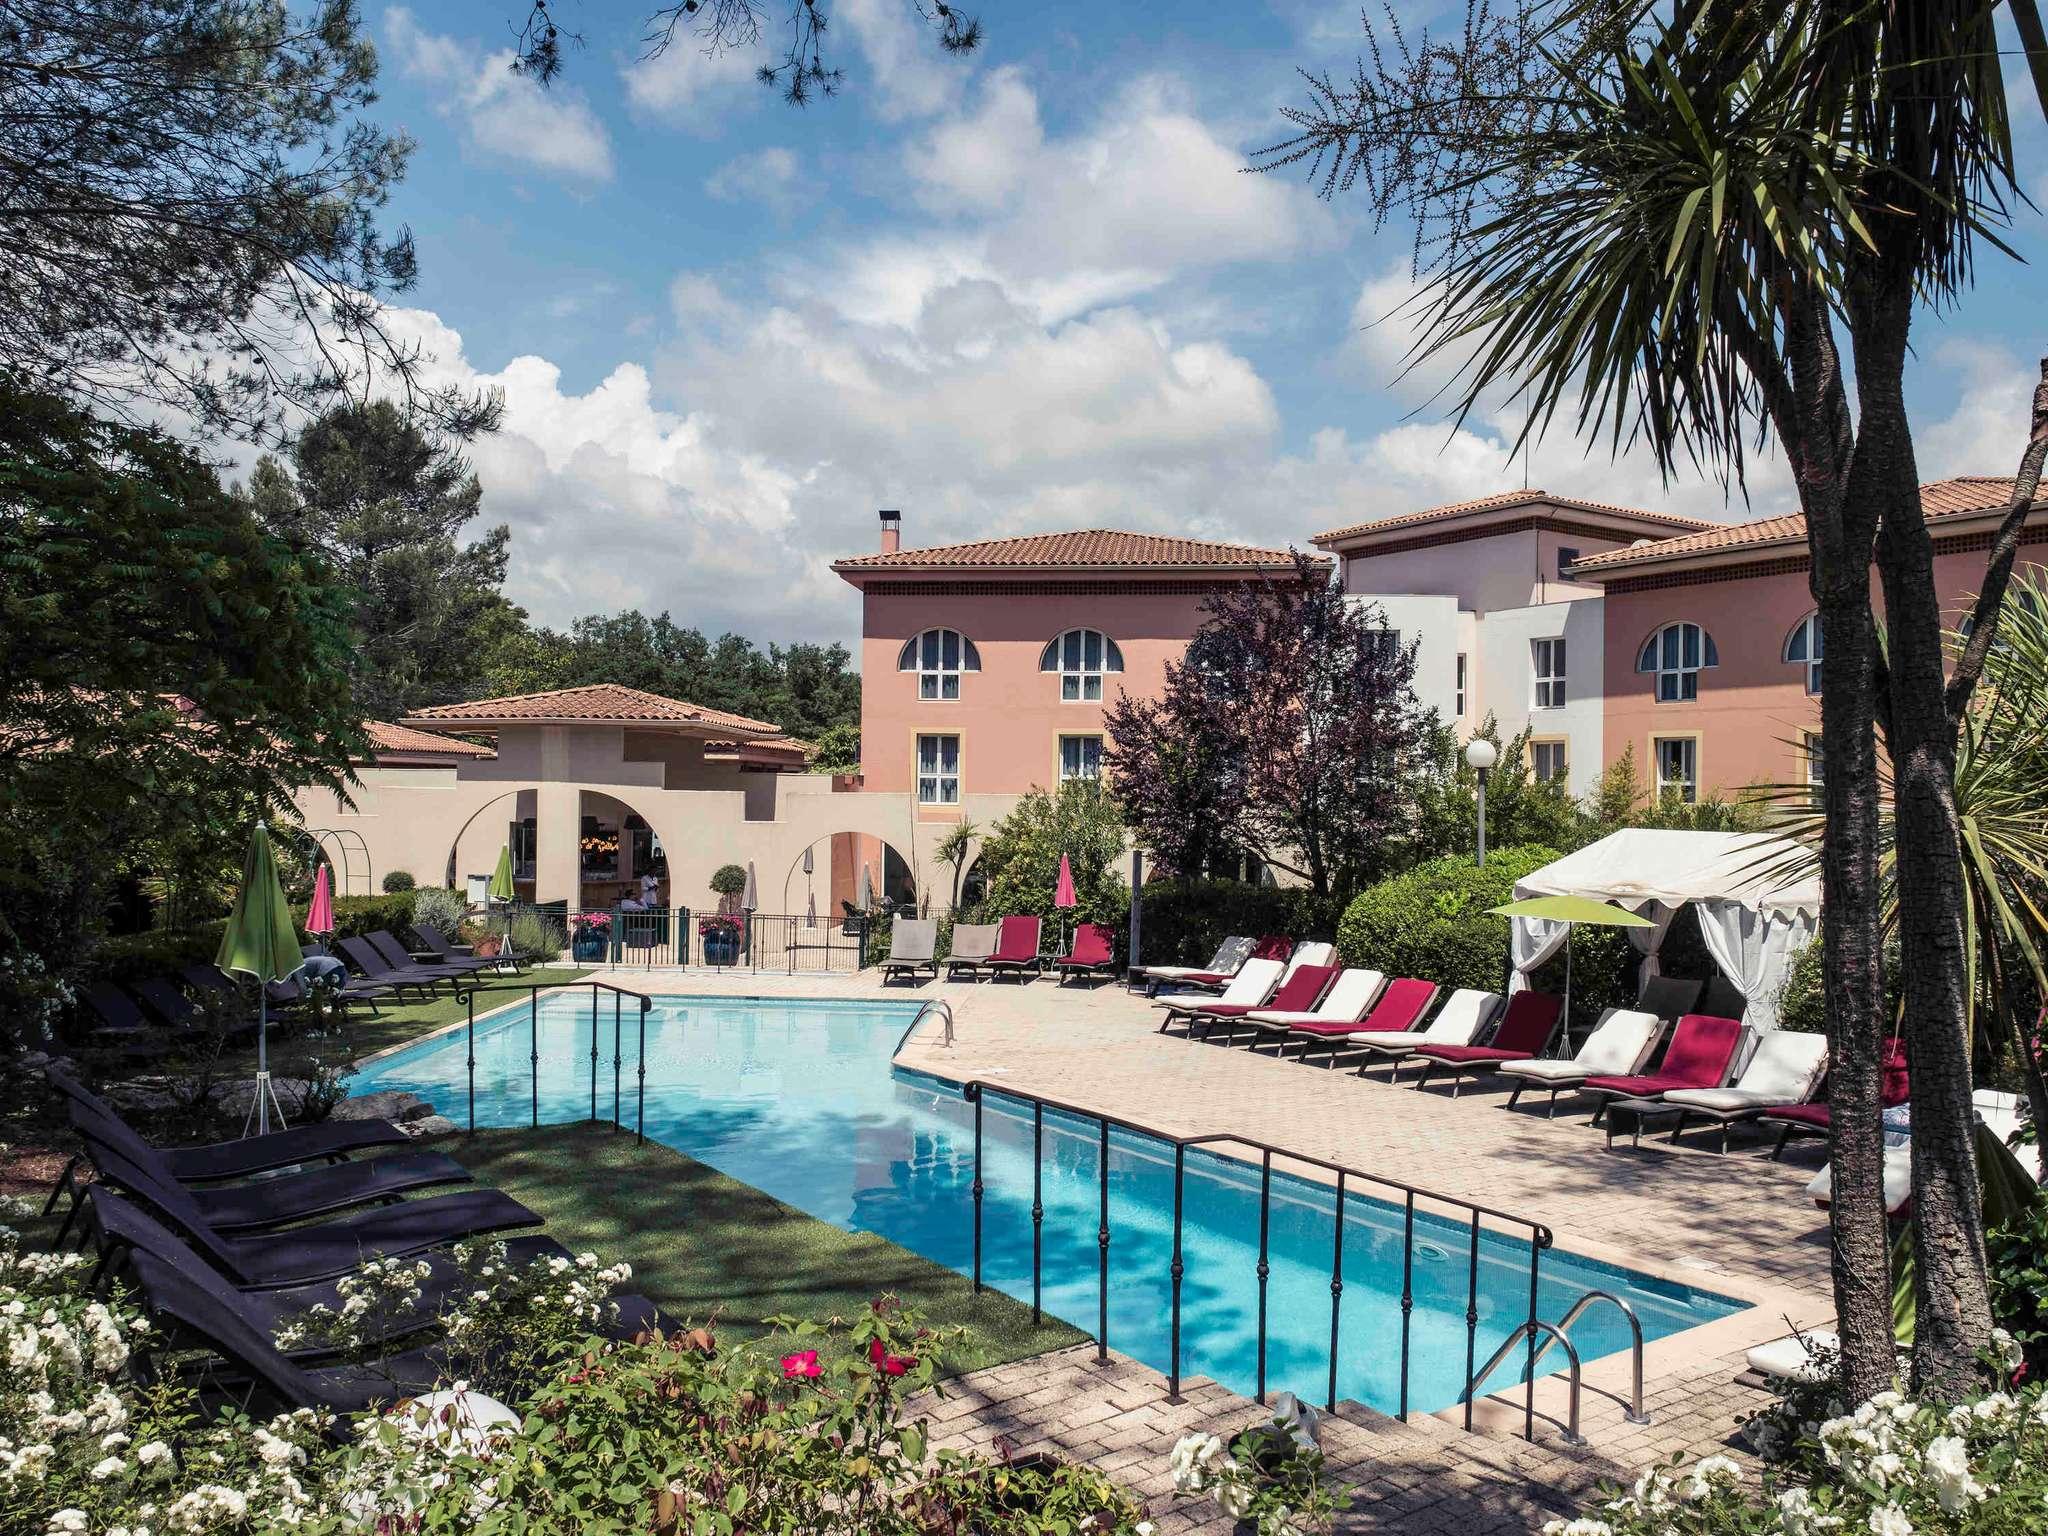 Hotel – Hôtel Mercure Antibes Sophia Antipolis